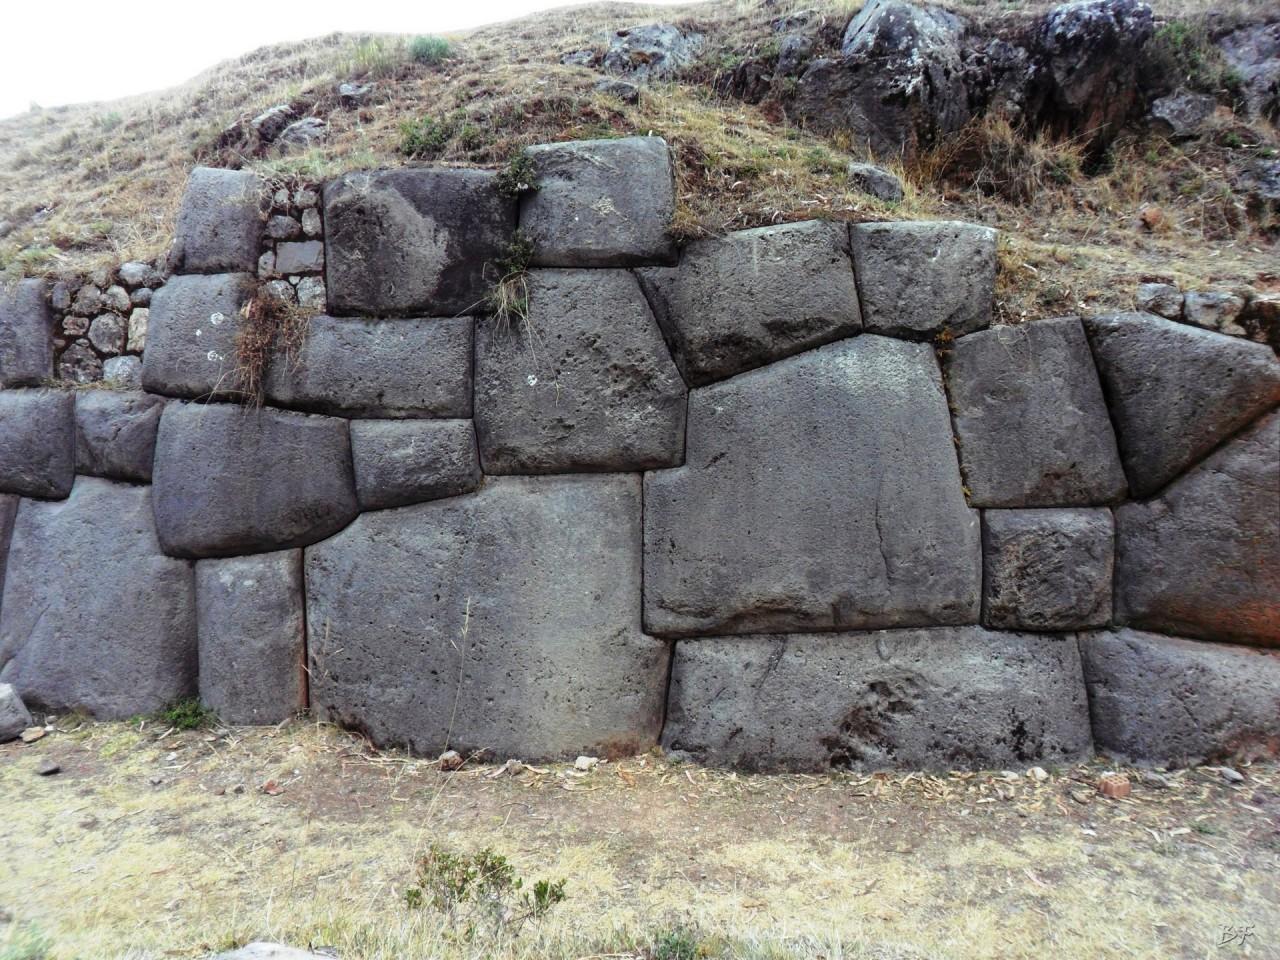 Qenqo-Chico-Altari-Mura-Poligonali-Megaliti-Cusco-Perù-8